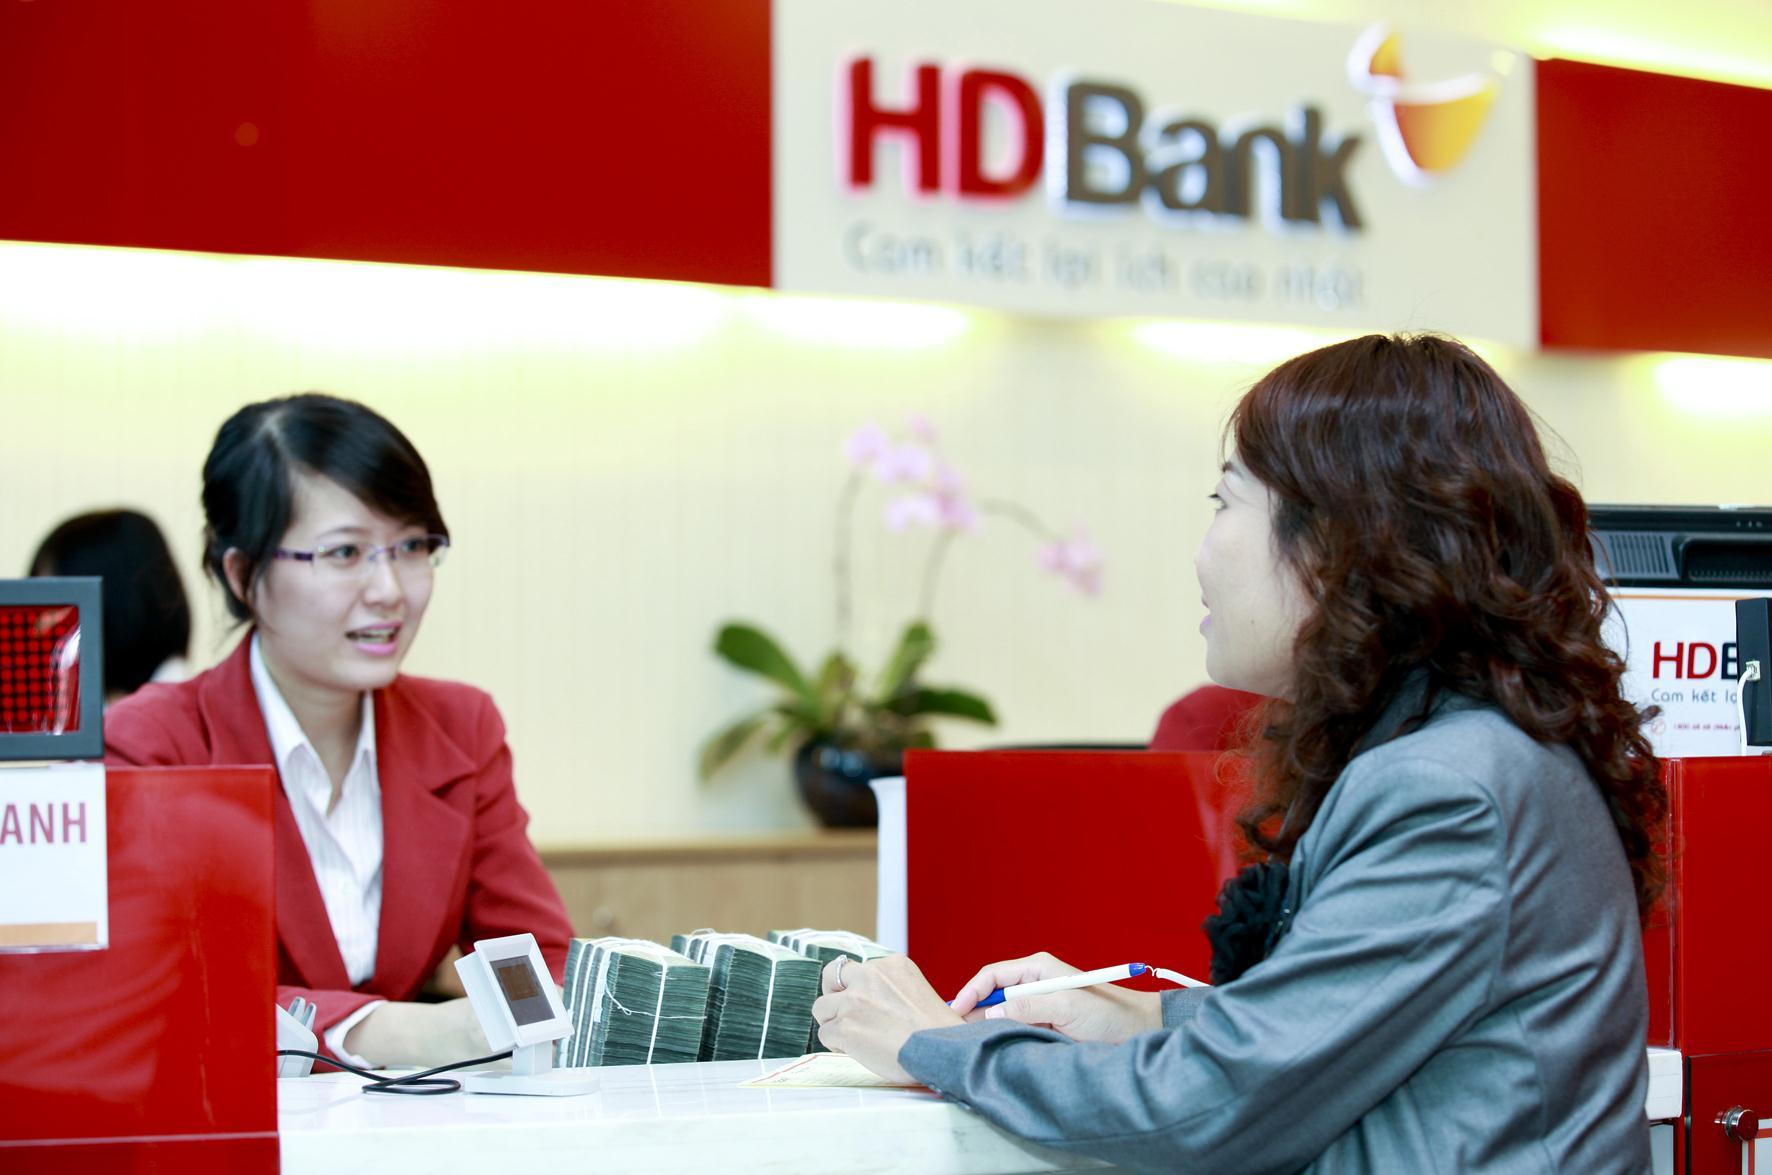 IPC đấu giá thành công hơn 7.52 triệu cp HDBank, thu về gần 122 tỷ đồng